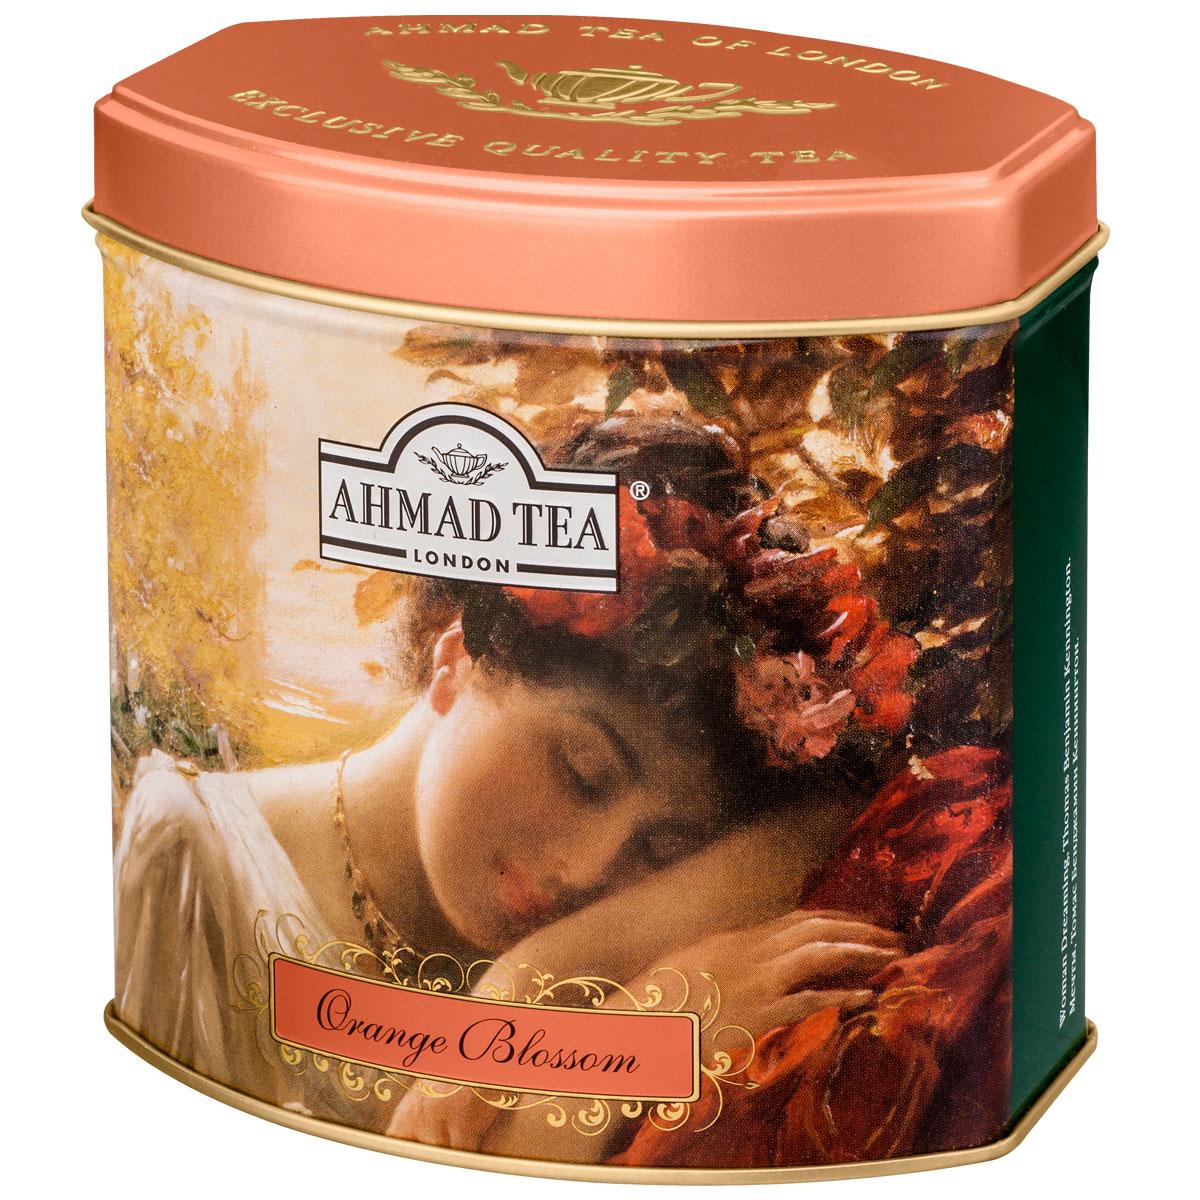 Ahmad Tea Orange Blossom черный чай, 100 г (жестяная банка)0120710В европейской традиции цветок апельсина считается символом любви. В честь него назвали букет невесты - флердоранж. Моду на них и на белые свадебные платья ввела английская королева Виктория в 19 в. И также чуть заметная сластинка и тонкий аромат солнечного фрукта составляют особенный легкий букет чая Ahmad Orange Blossom.Заваривать 5-7 минут, температура воды 100°С.Уважаемые клиенты! Обращаем ваше внимание на то, что упаковка может иметь несколько видов дизайна. Поставка осуществляется в зависимости от наличия на складе.